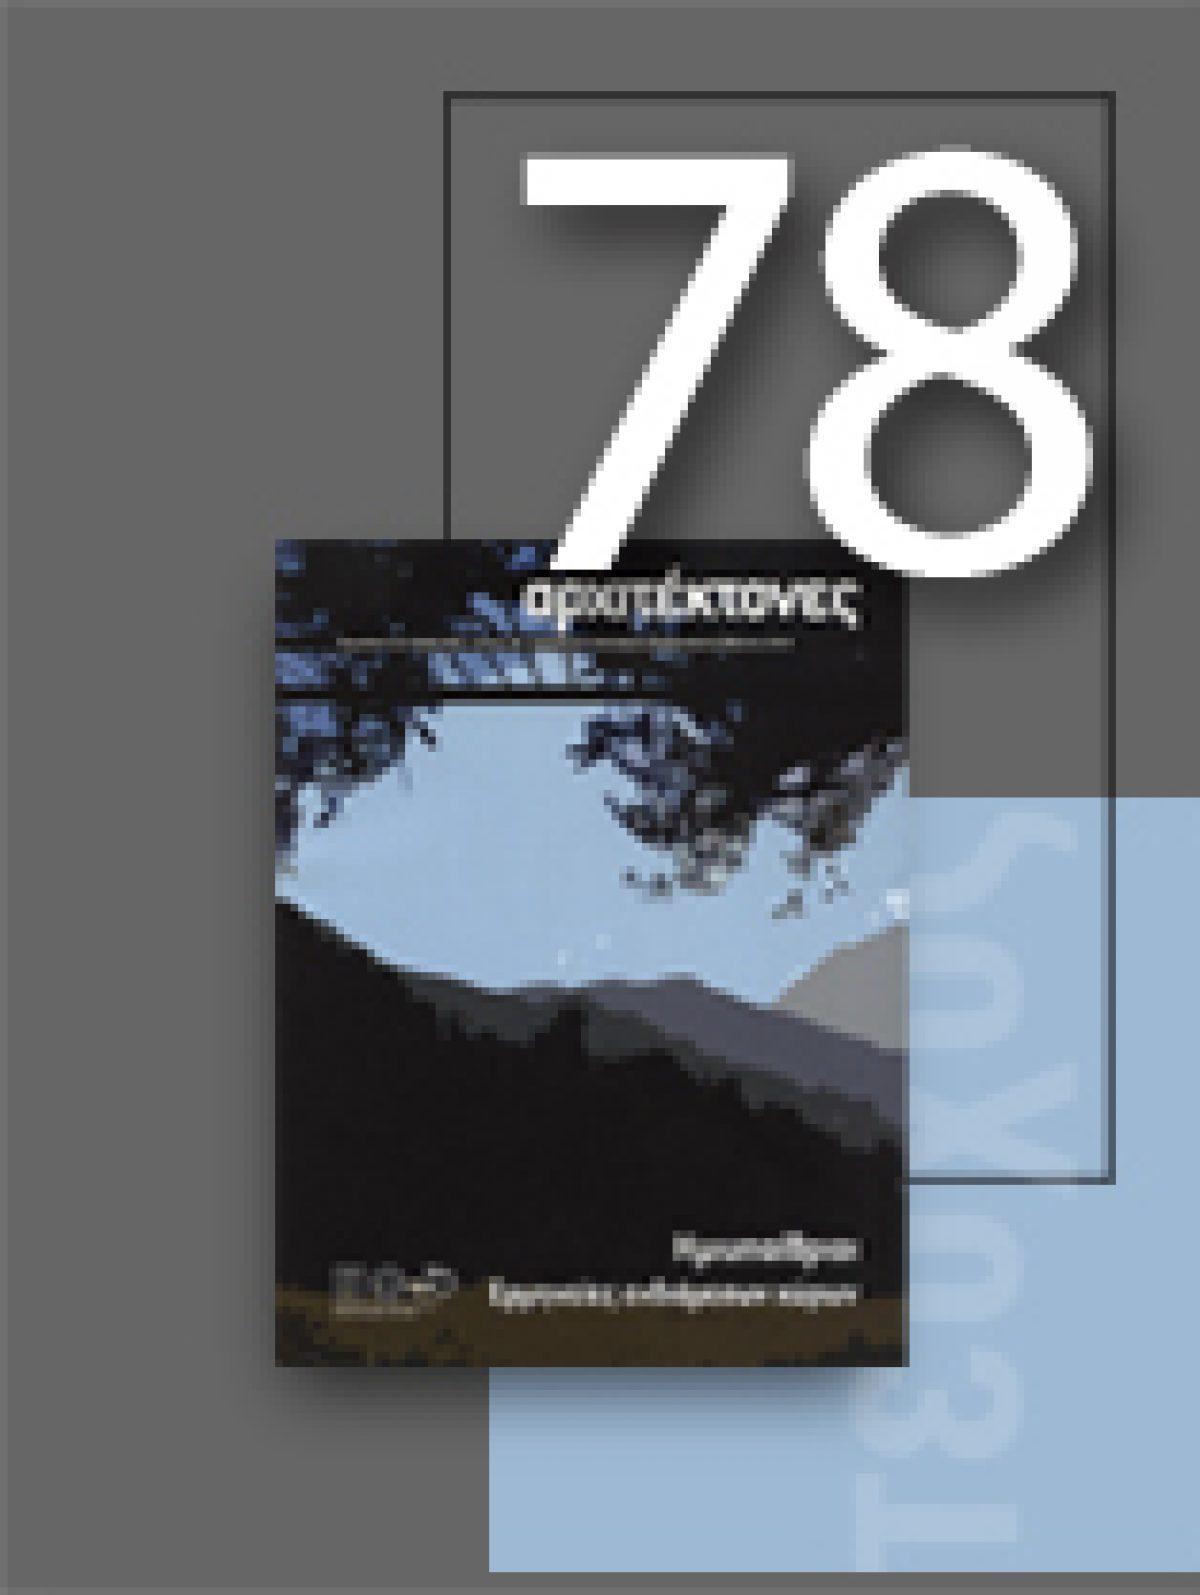 «Αρχιτέκτονες» Τεύχος 78, Περίοδος Β', Ιανουάριος/Φεβρουάριος/Μάρτιος 2010 | Ημιυπαίθριοι – Ερμηνείες ενδιάμεσων χώρων